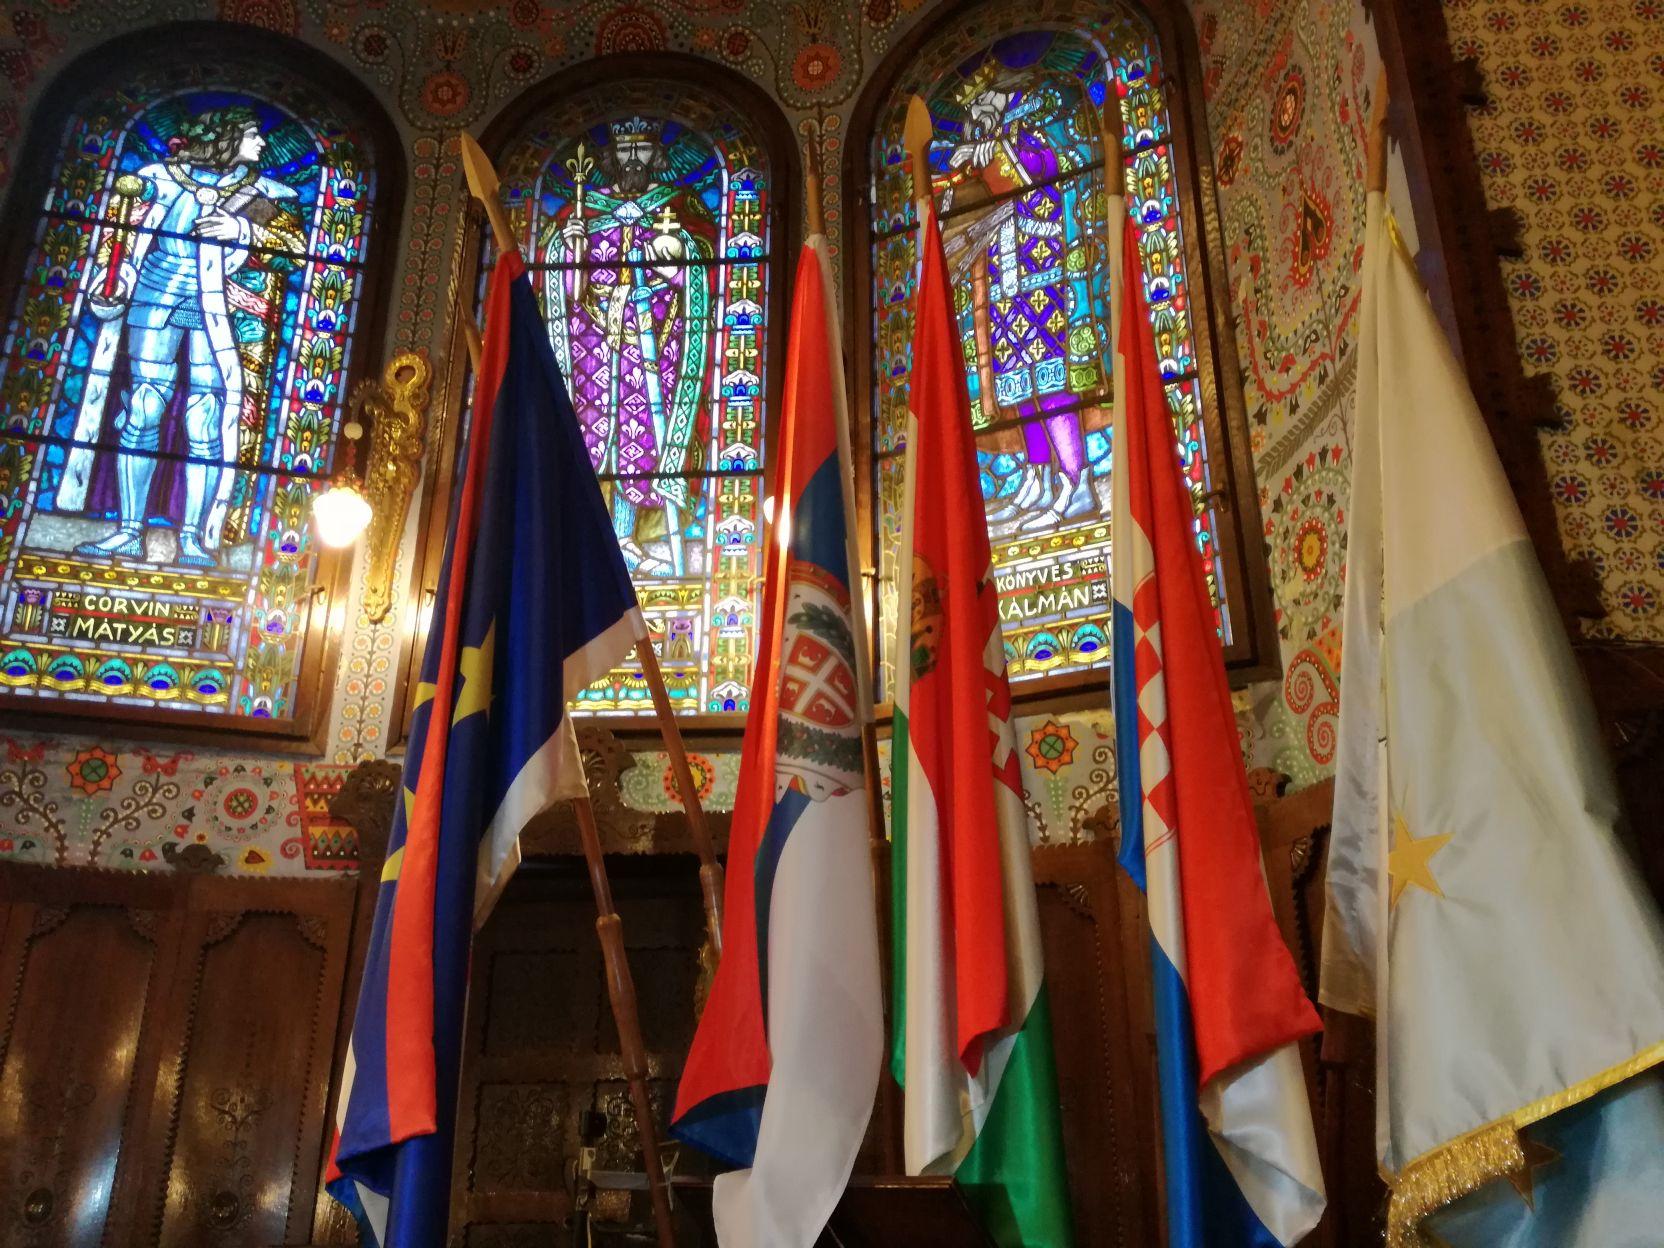 Zászlók és üvegablakok